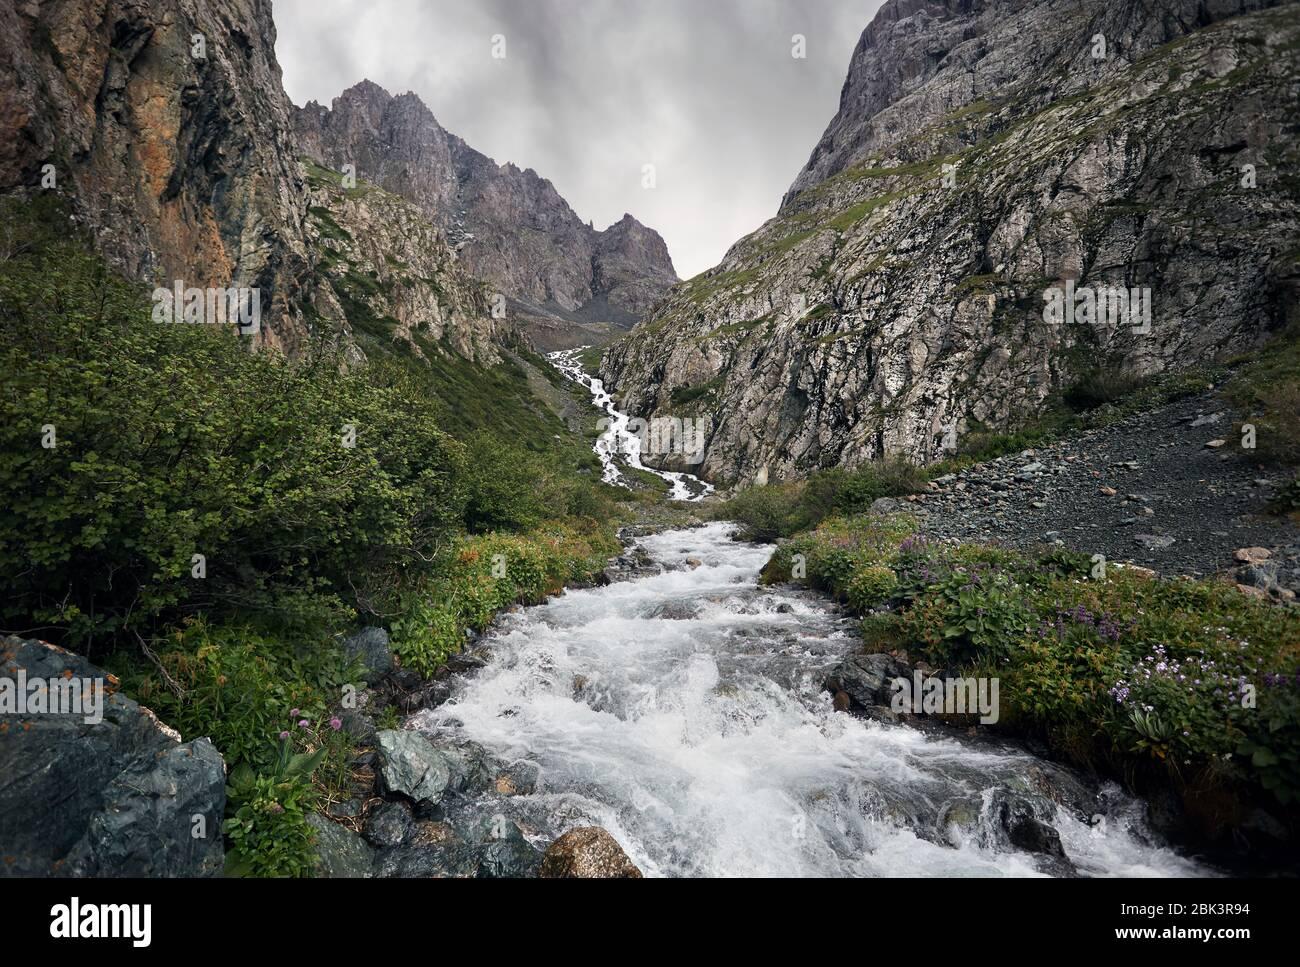 White Water River im Tal mit Rocky Mountains Nationalpark in Karakol, Kirgisistan Stockfoto